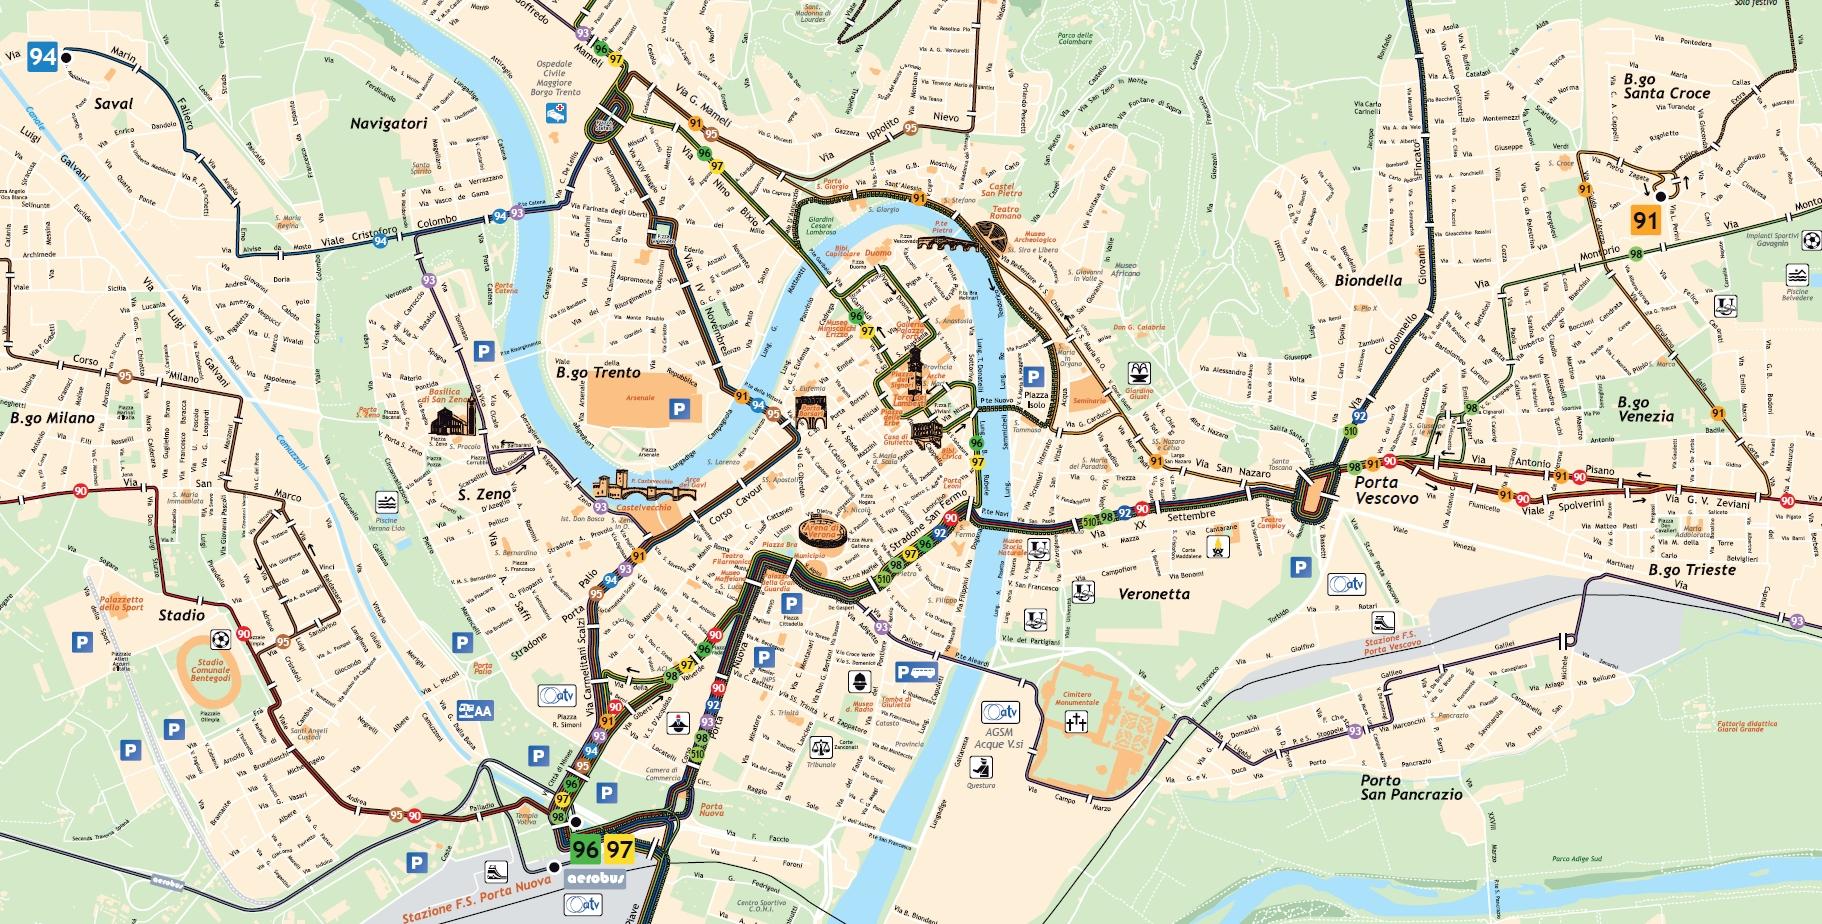 Верона_схема вечерних автобусных маршрутов в центре города